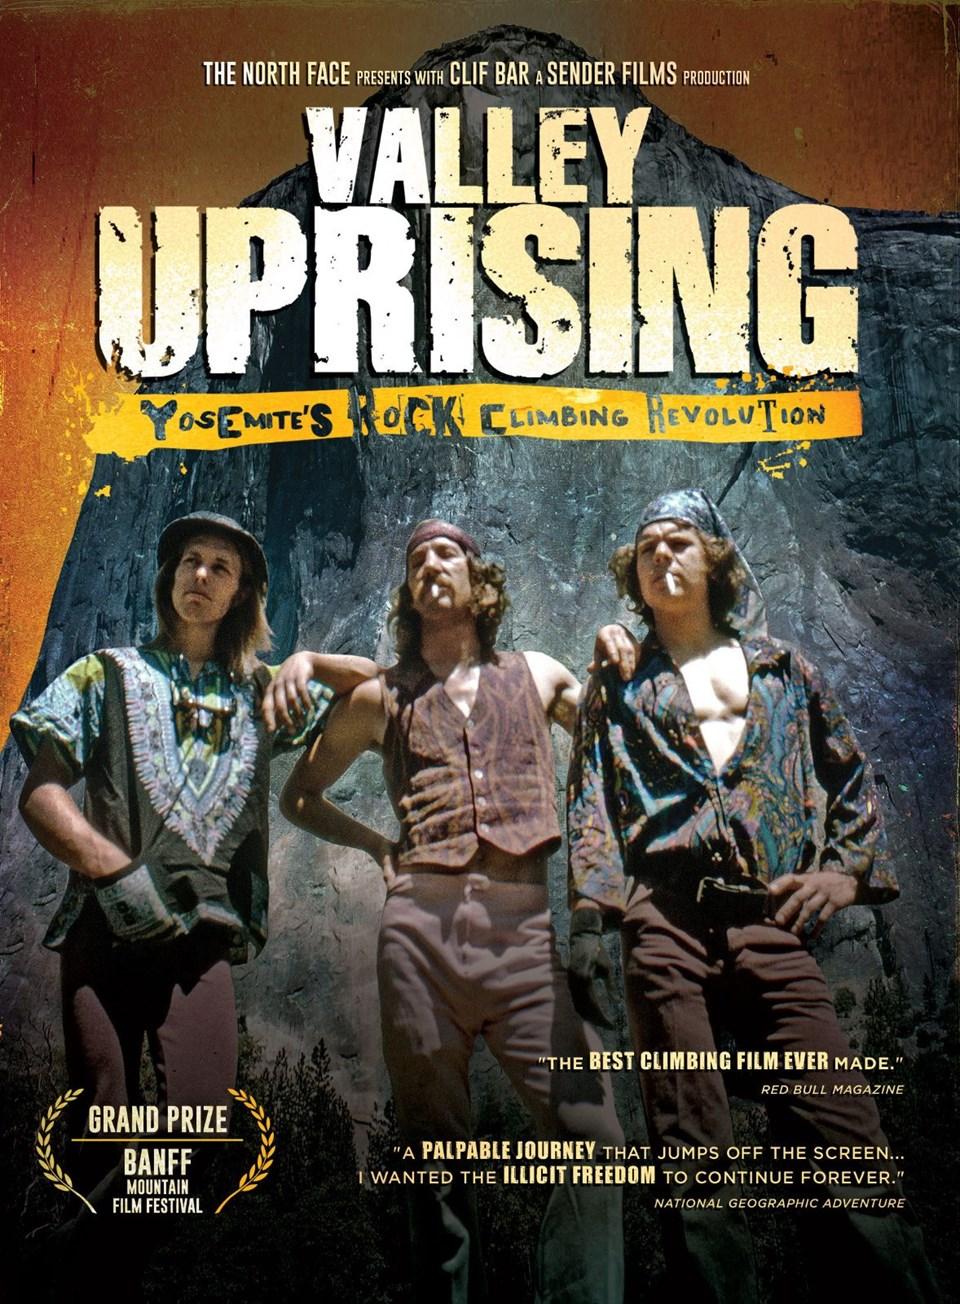 en iyi dağcılık filmleri, en güzel dağcılık filmleri, tırmanış filmleri, valley uprising